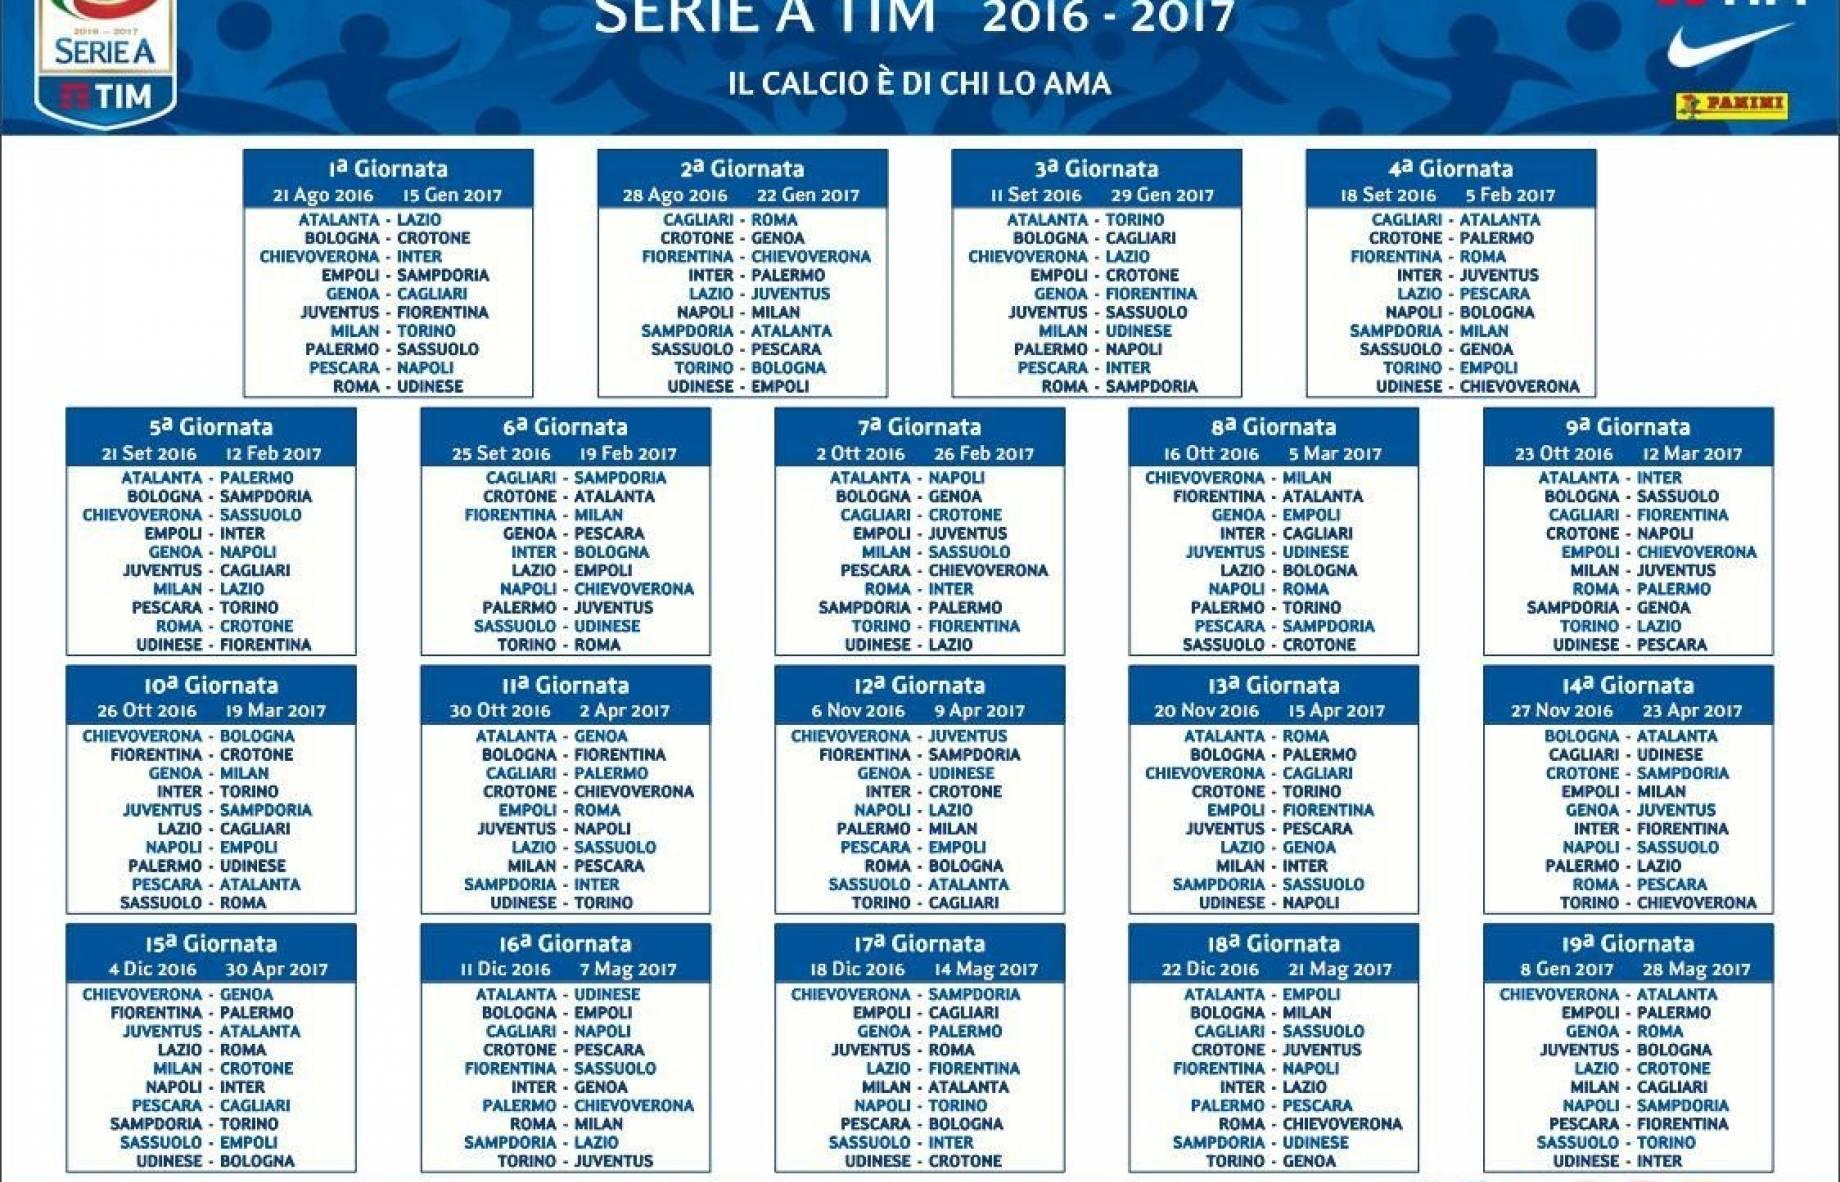 Serie A Calendario 6 Giornata.Serie A Il Calendario Degli Anticipi E Dei Posticipi Fino A